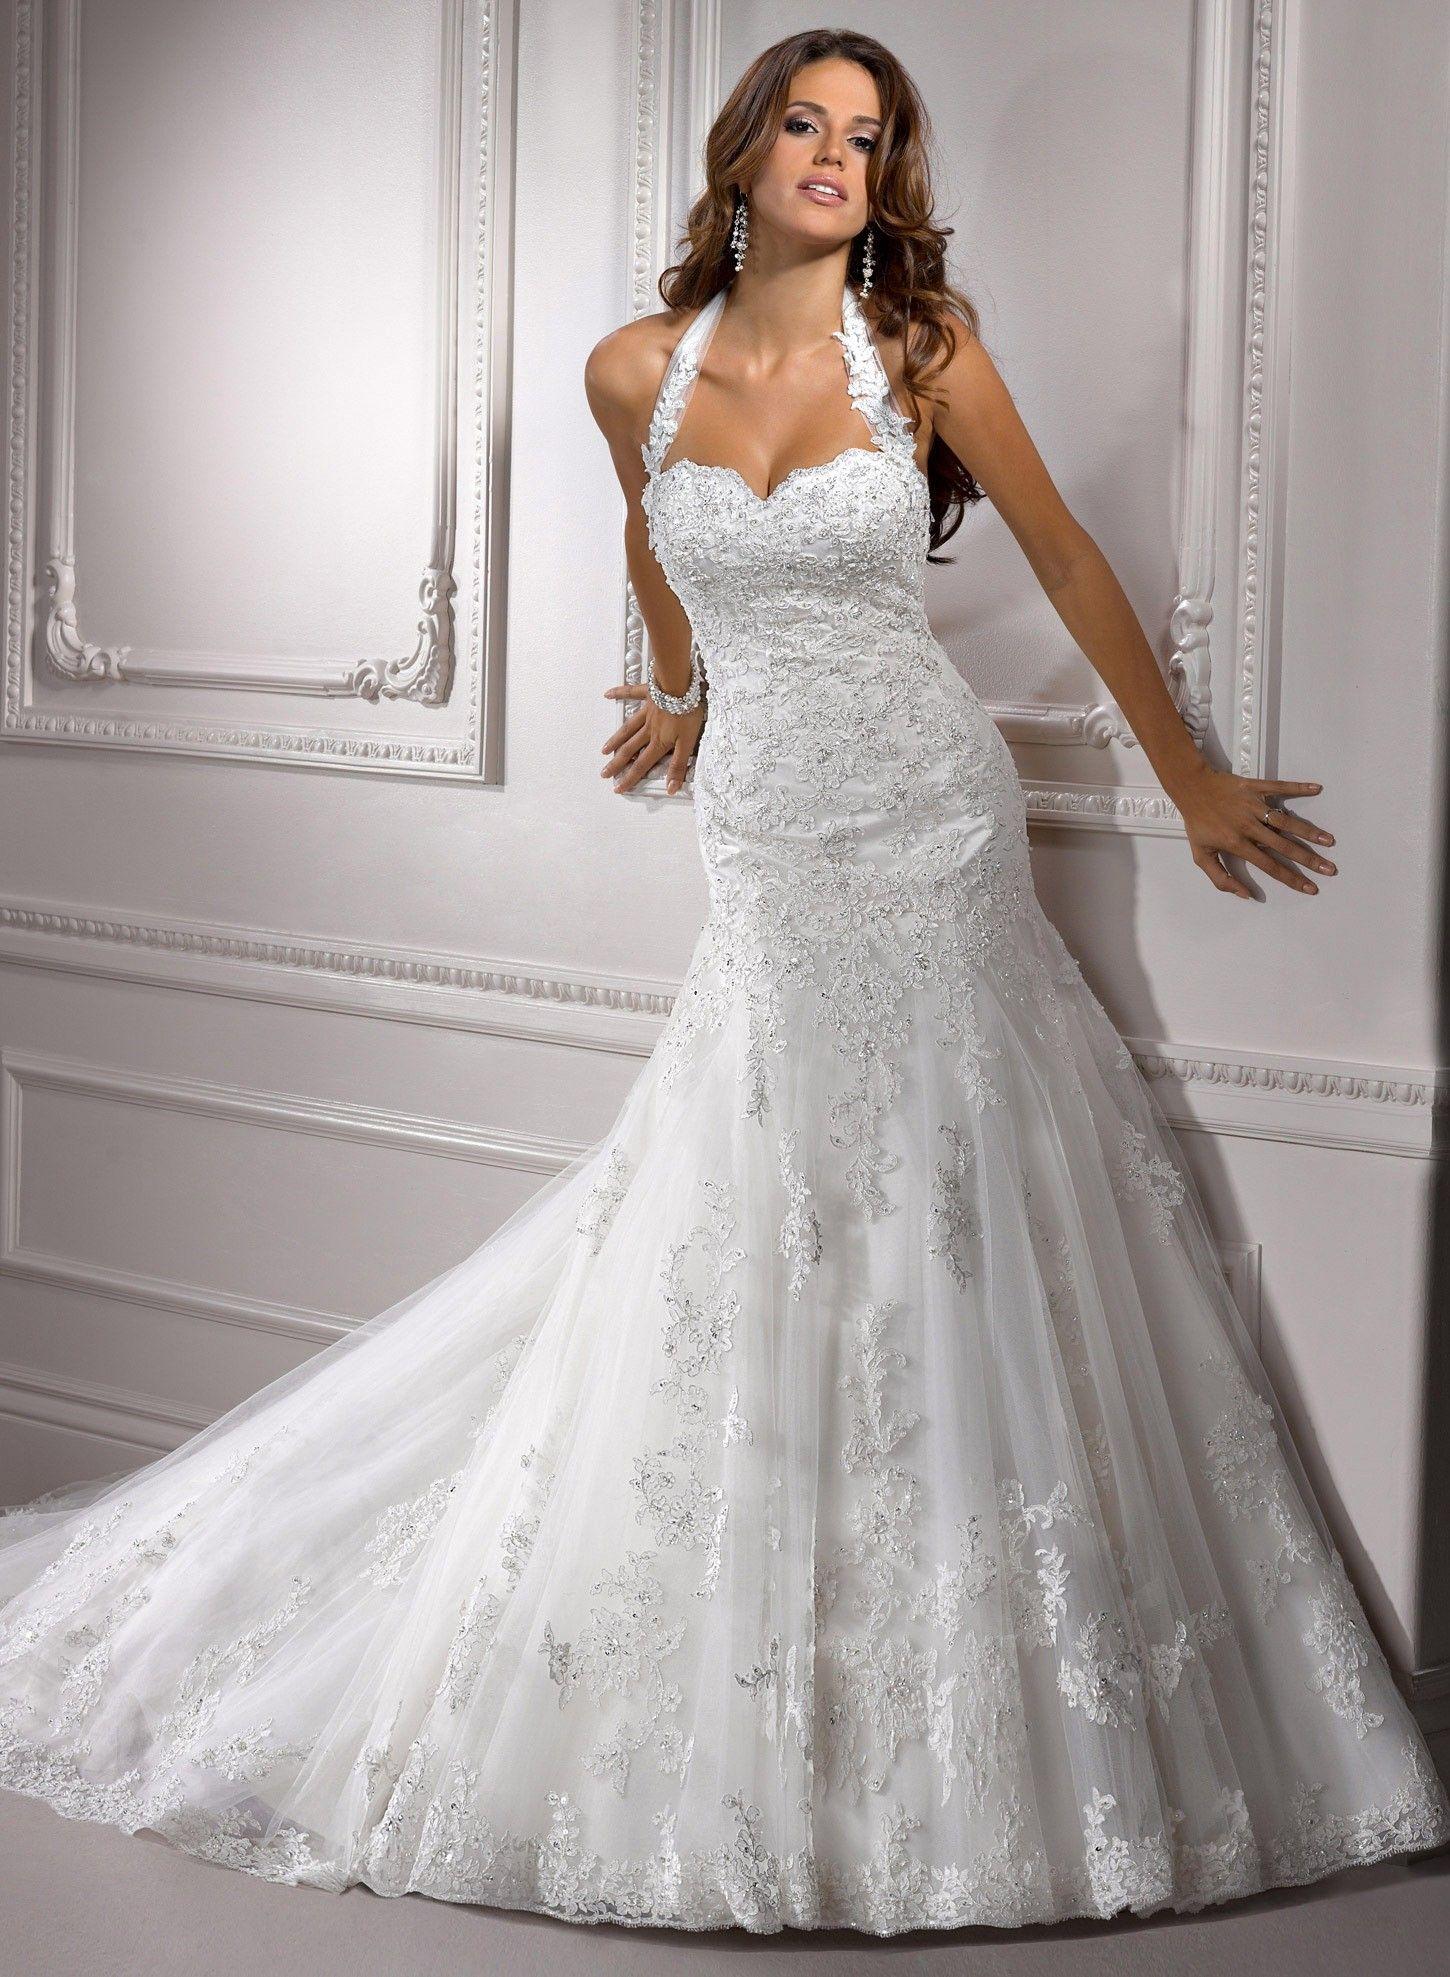 corpete com renda frente unica em vestido de noiva - Pesquisa Google ...